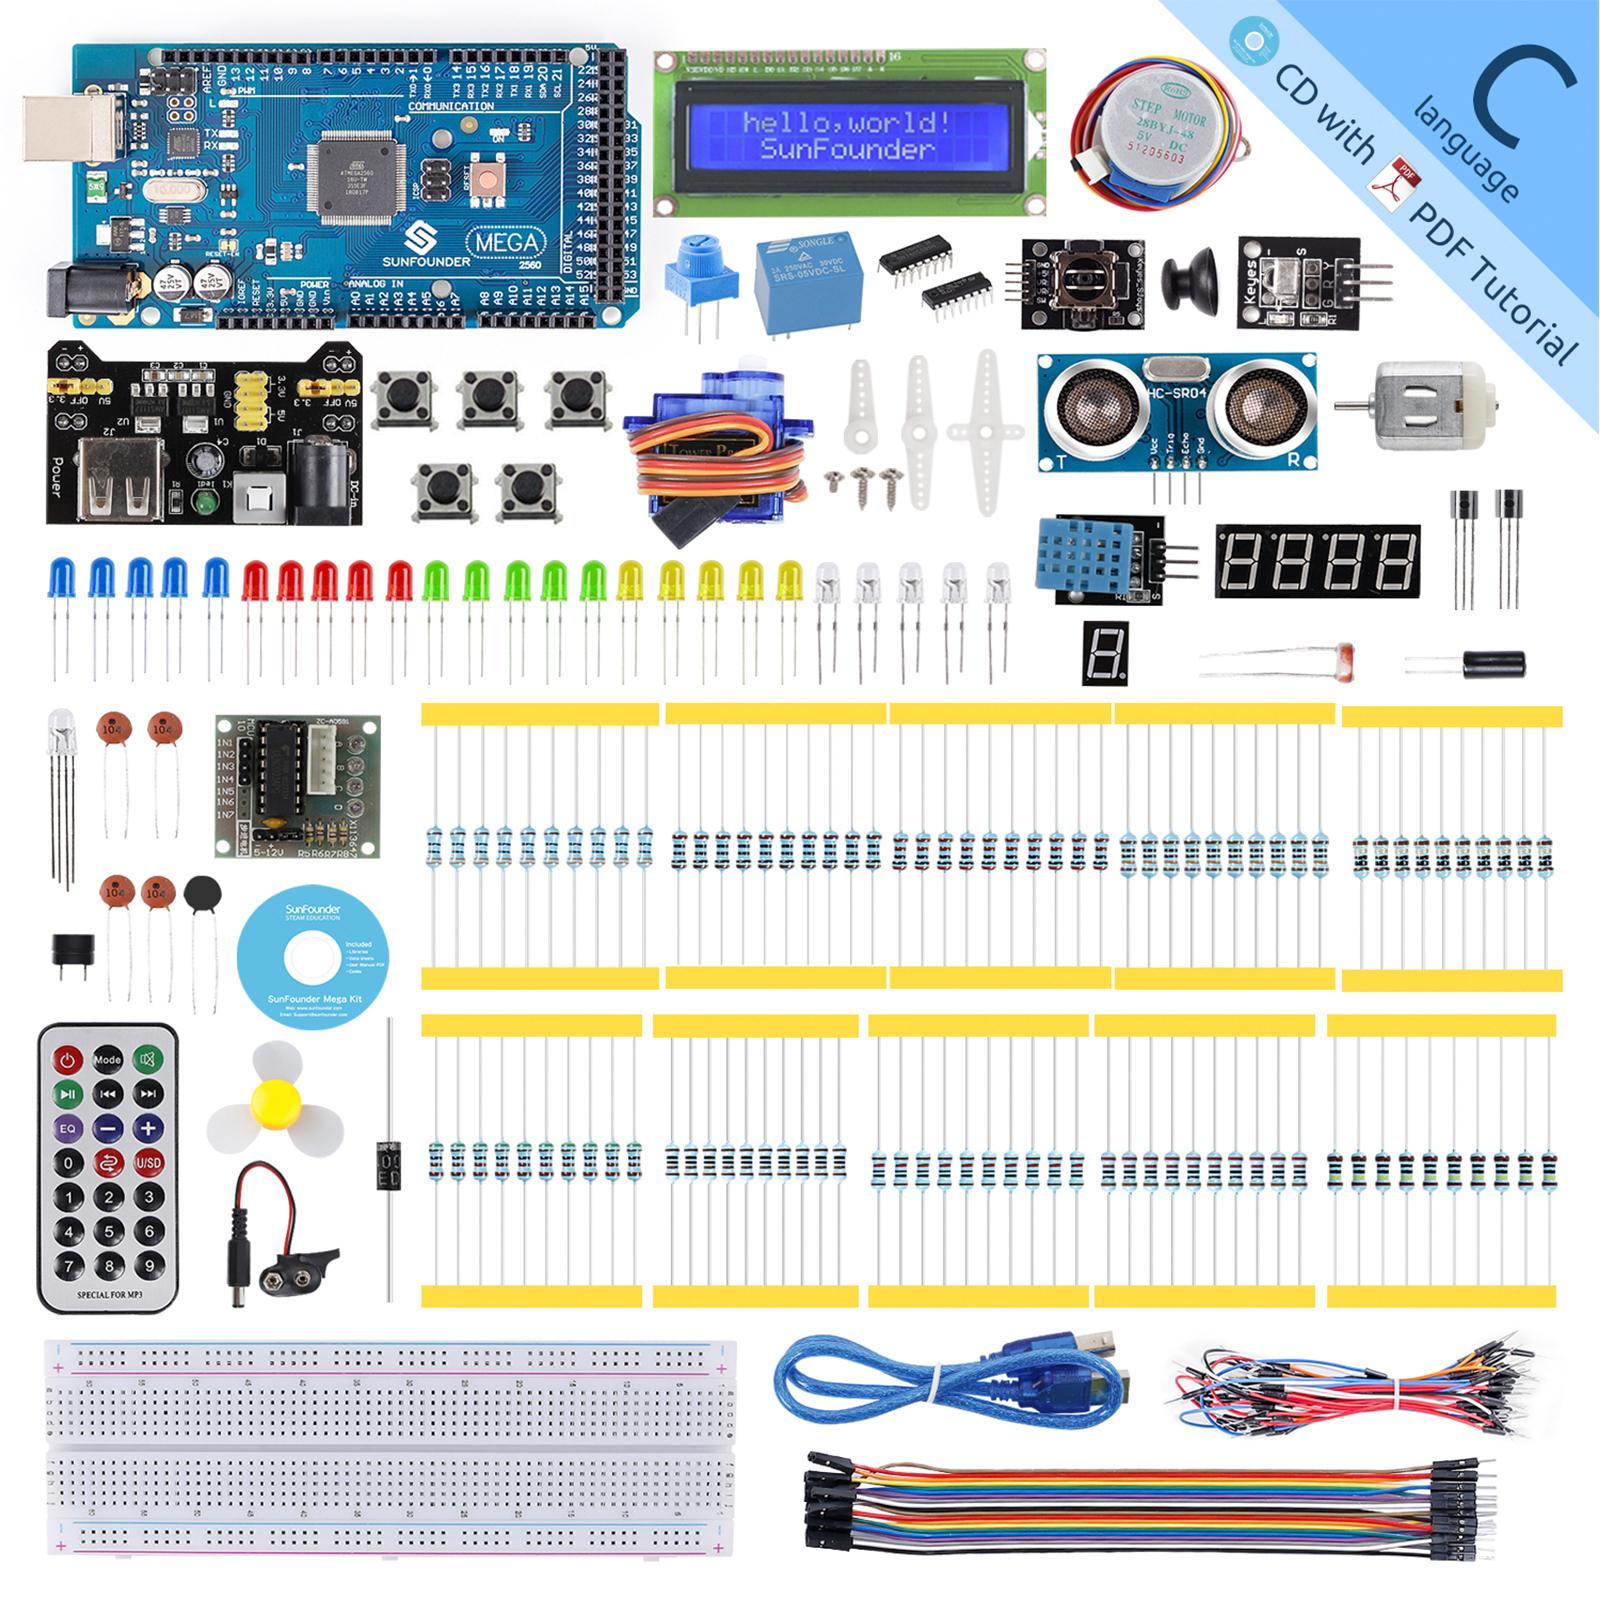 SunFounder Mega 2560 R3 Project Super Starter Kit with Mega 2560 Board $29.24